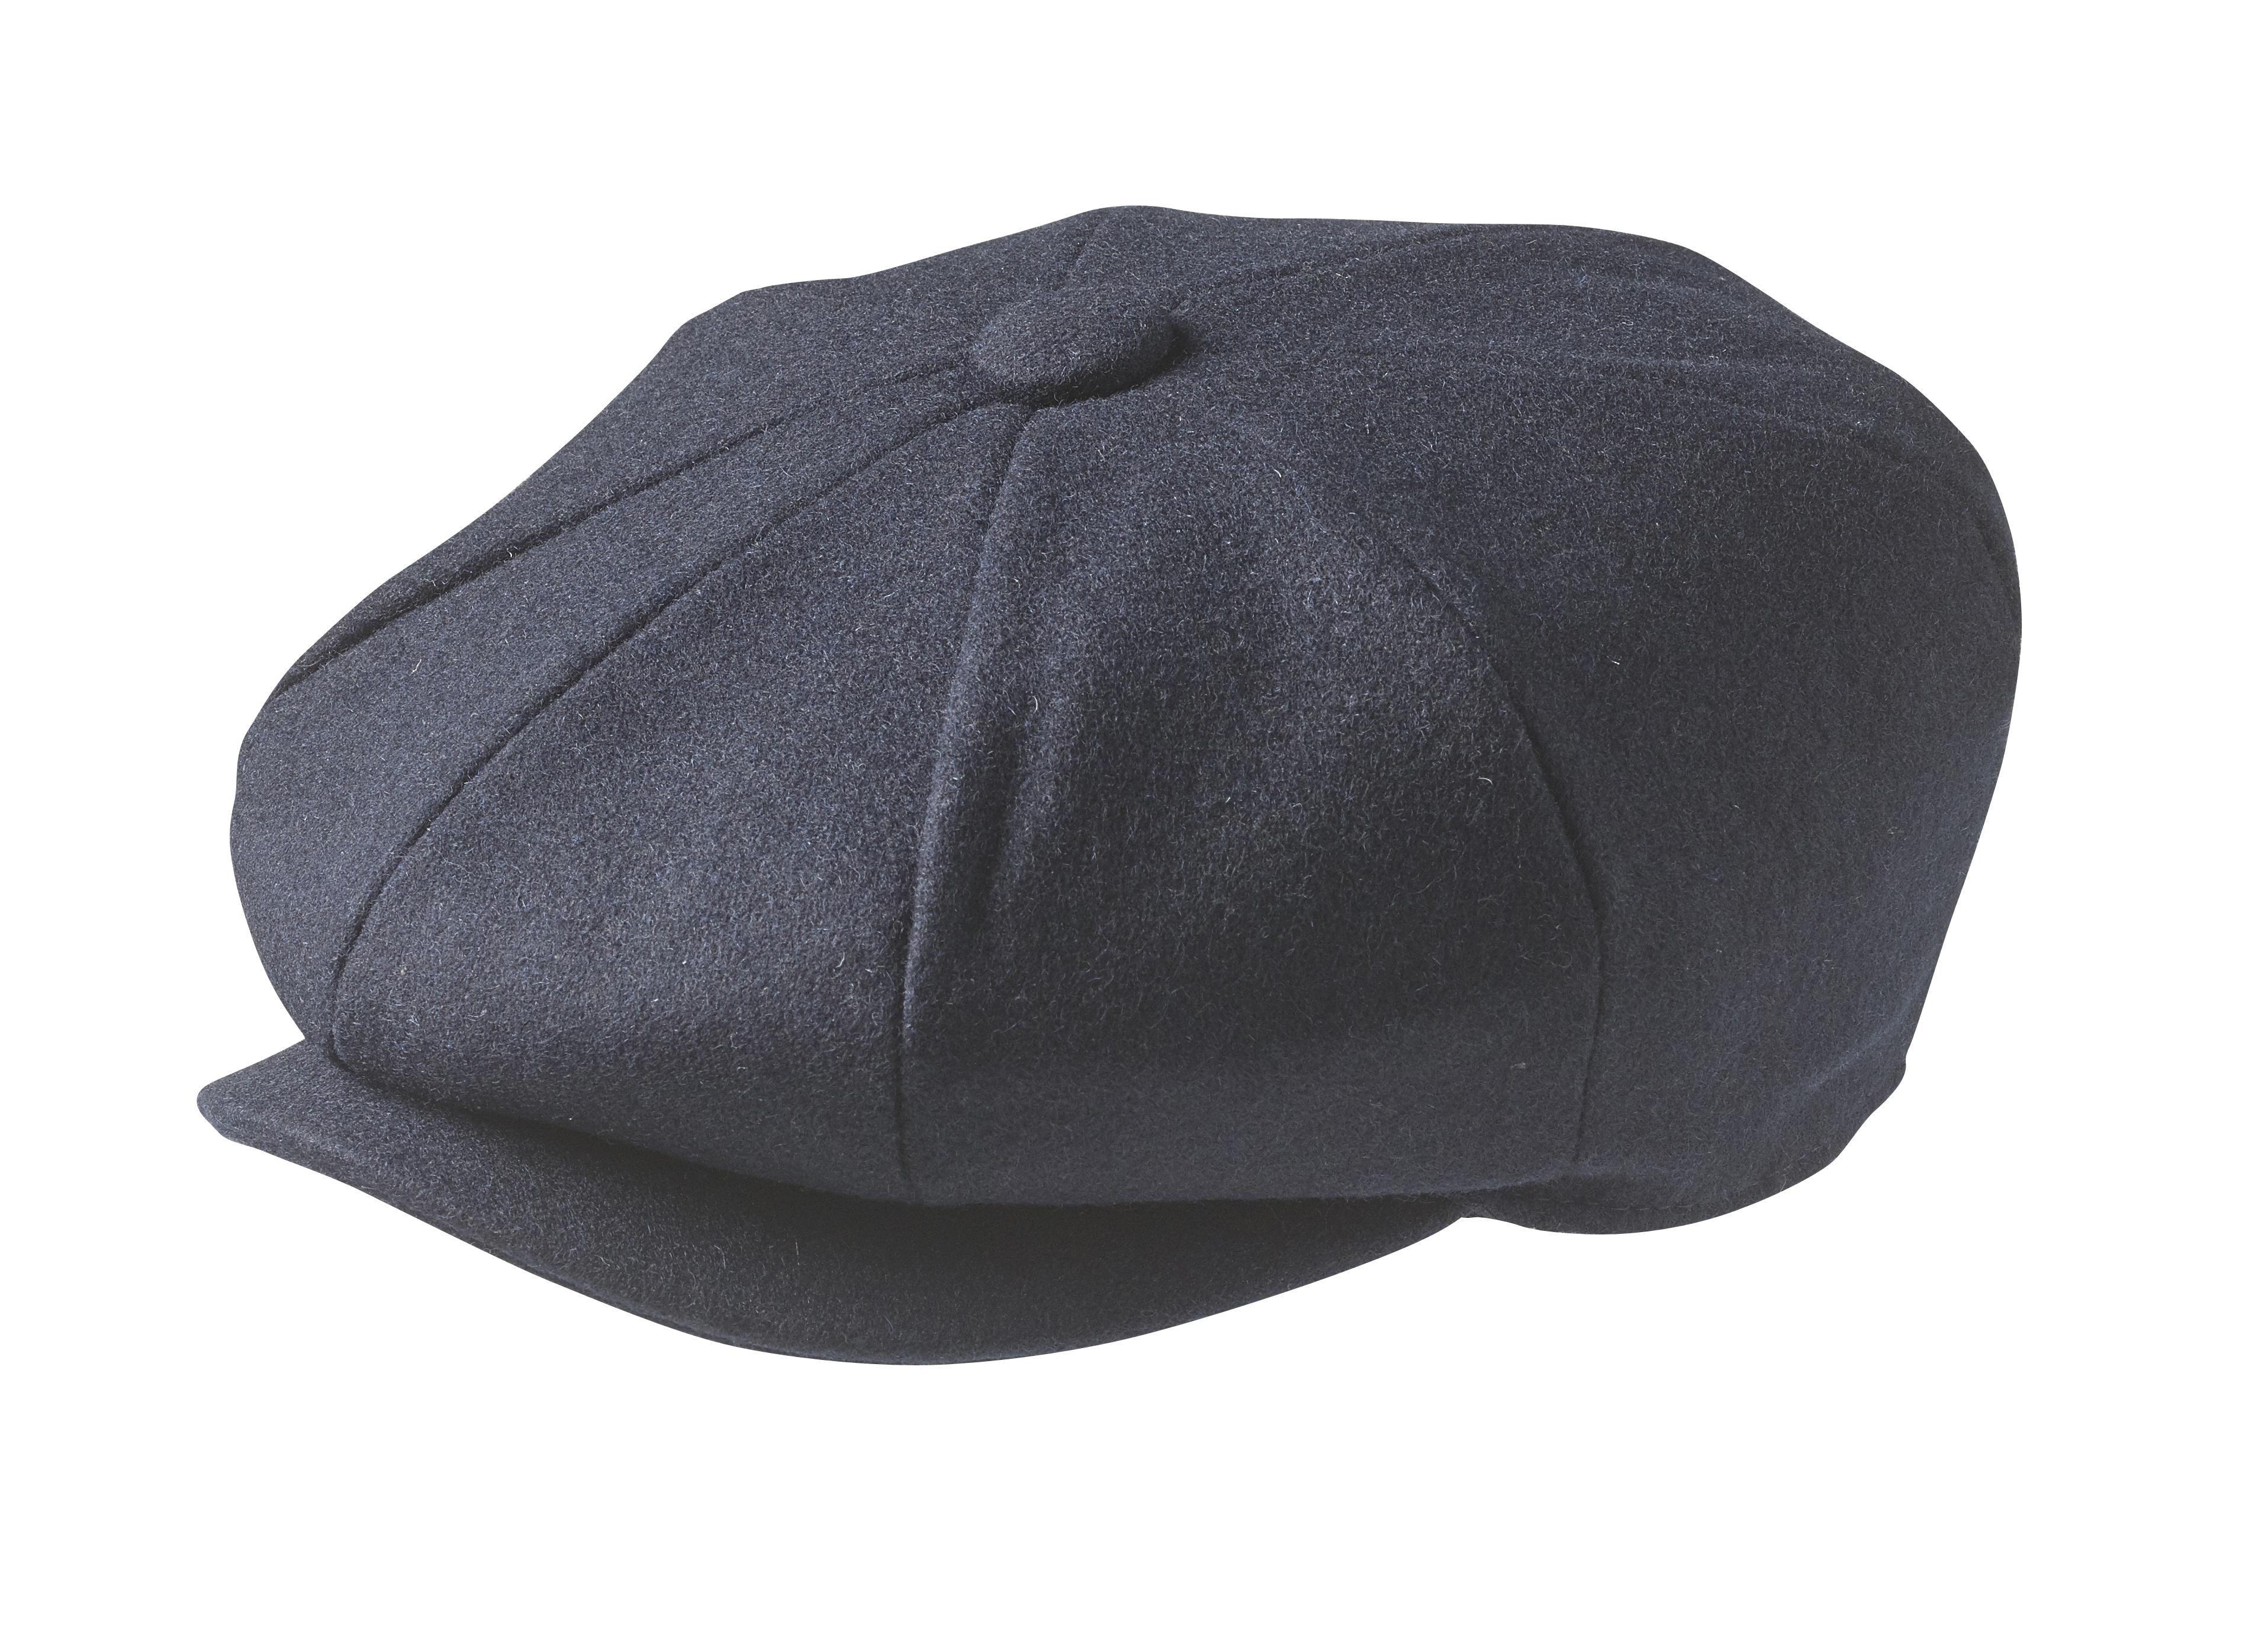 Peaky Blinders - 100% Melton Wool - Navy Blue Newsboy Cap d0a7f9bb9b